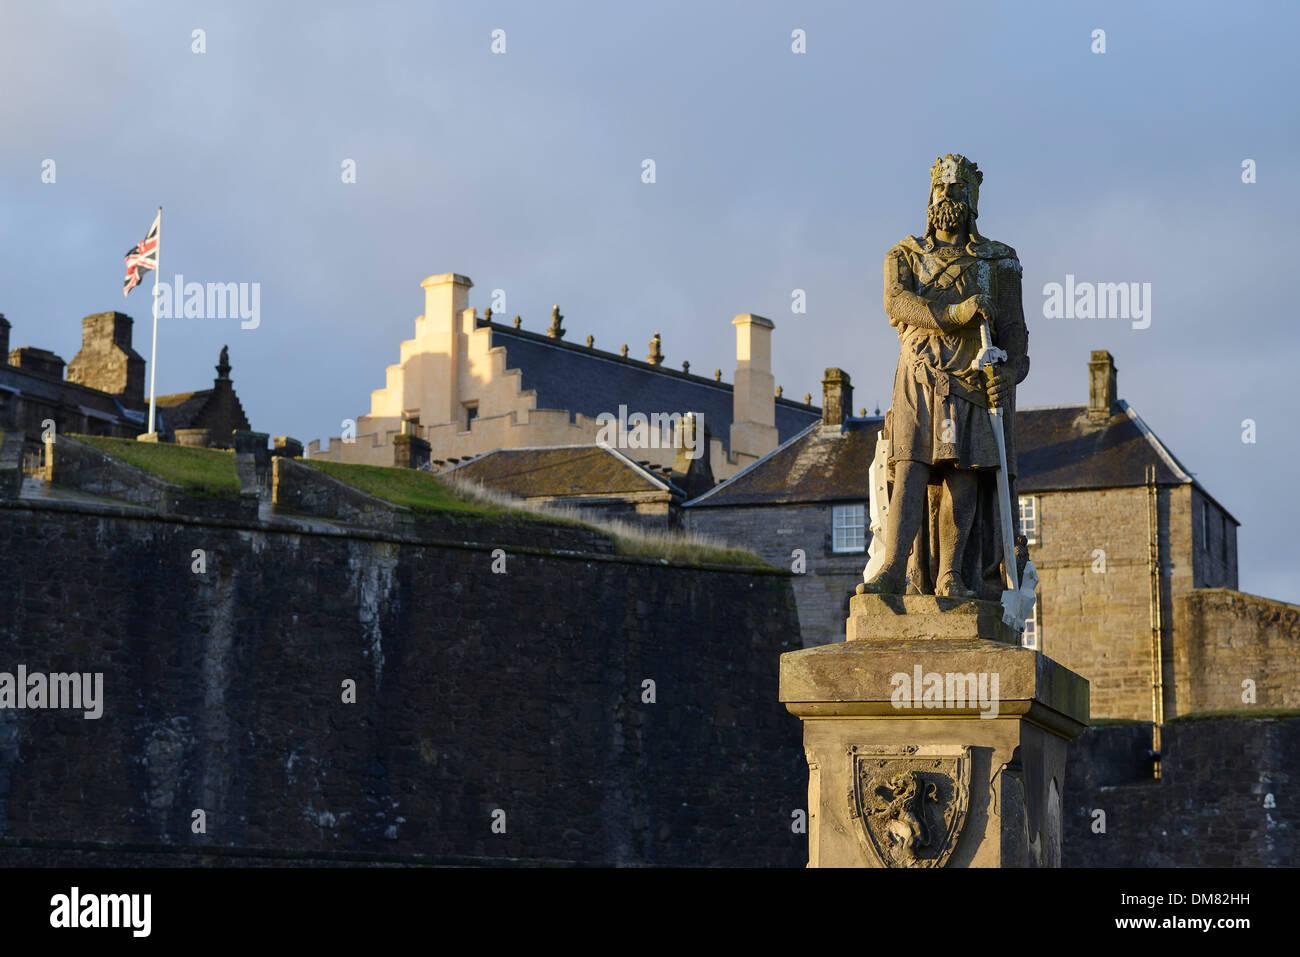 Statue von Robert the Bruce außerhalb Stirling Castle in Schottland Stockfoto